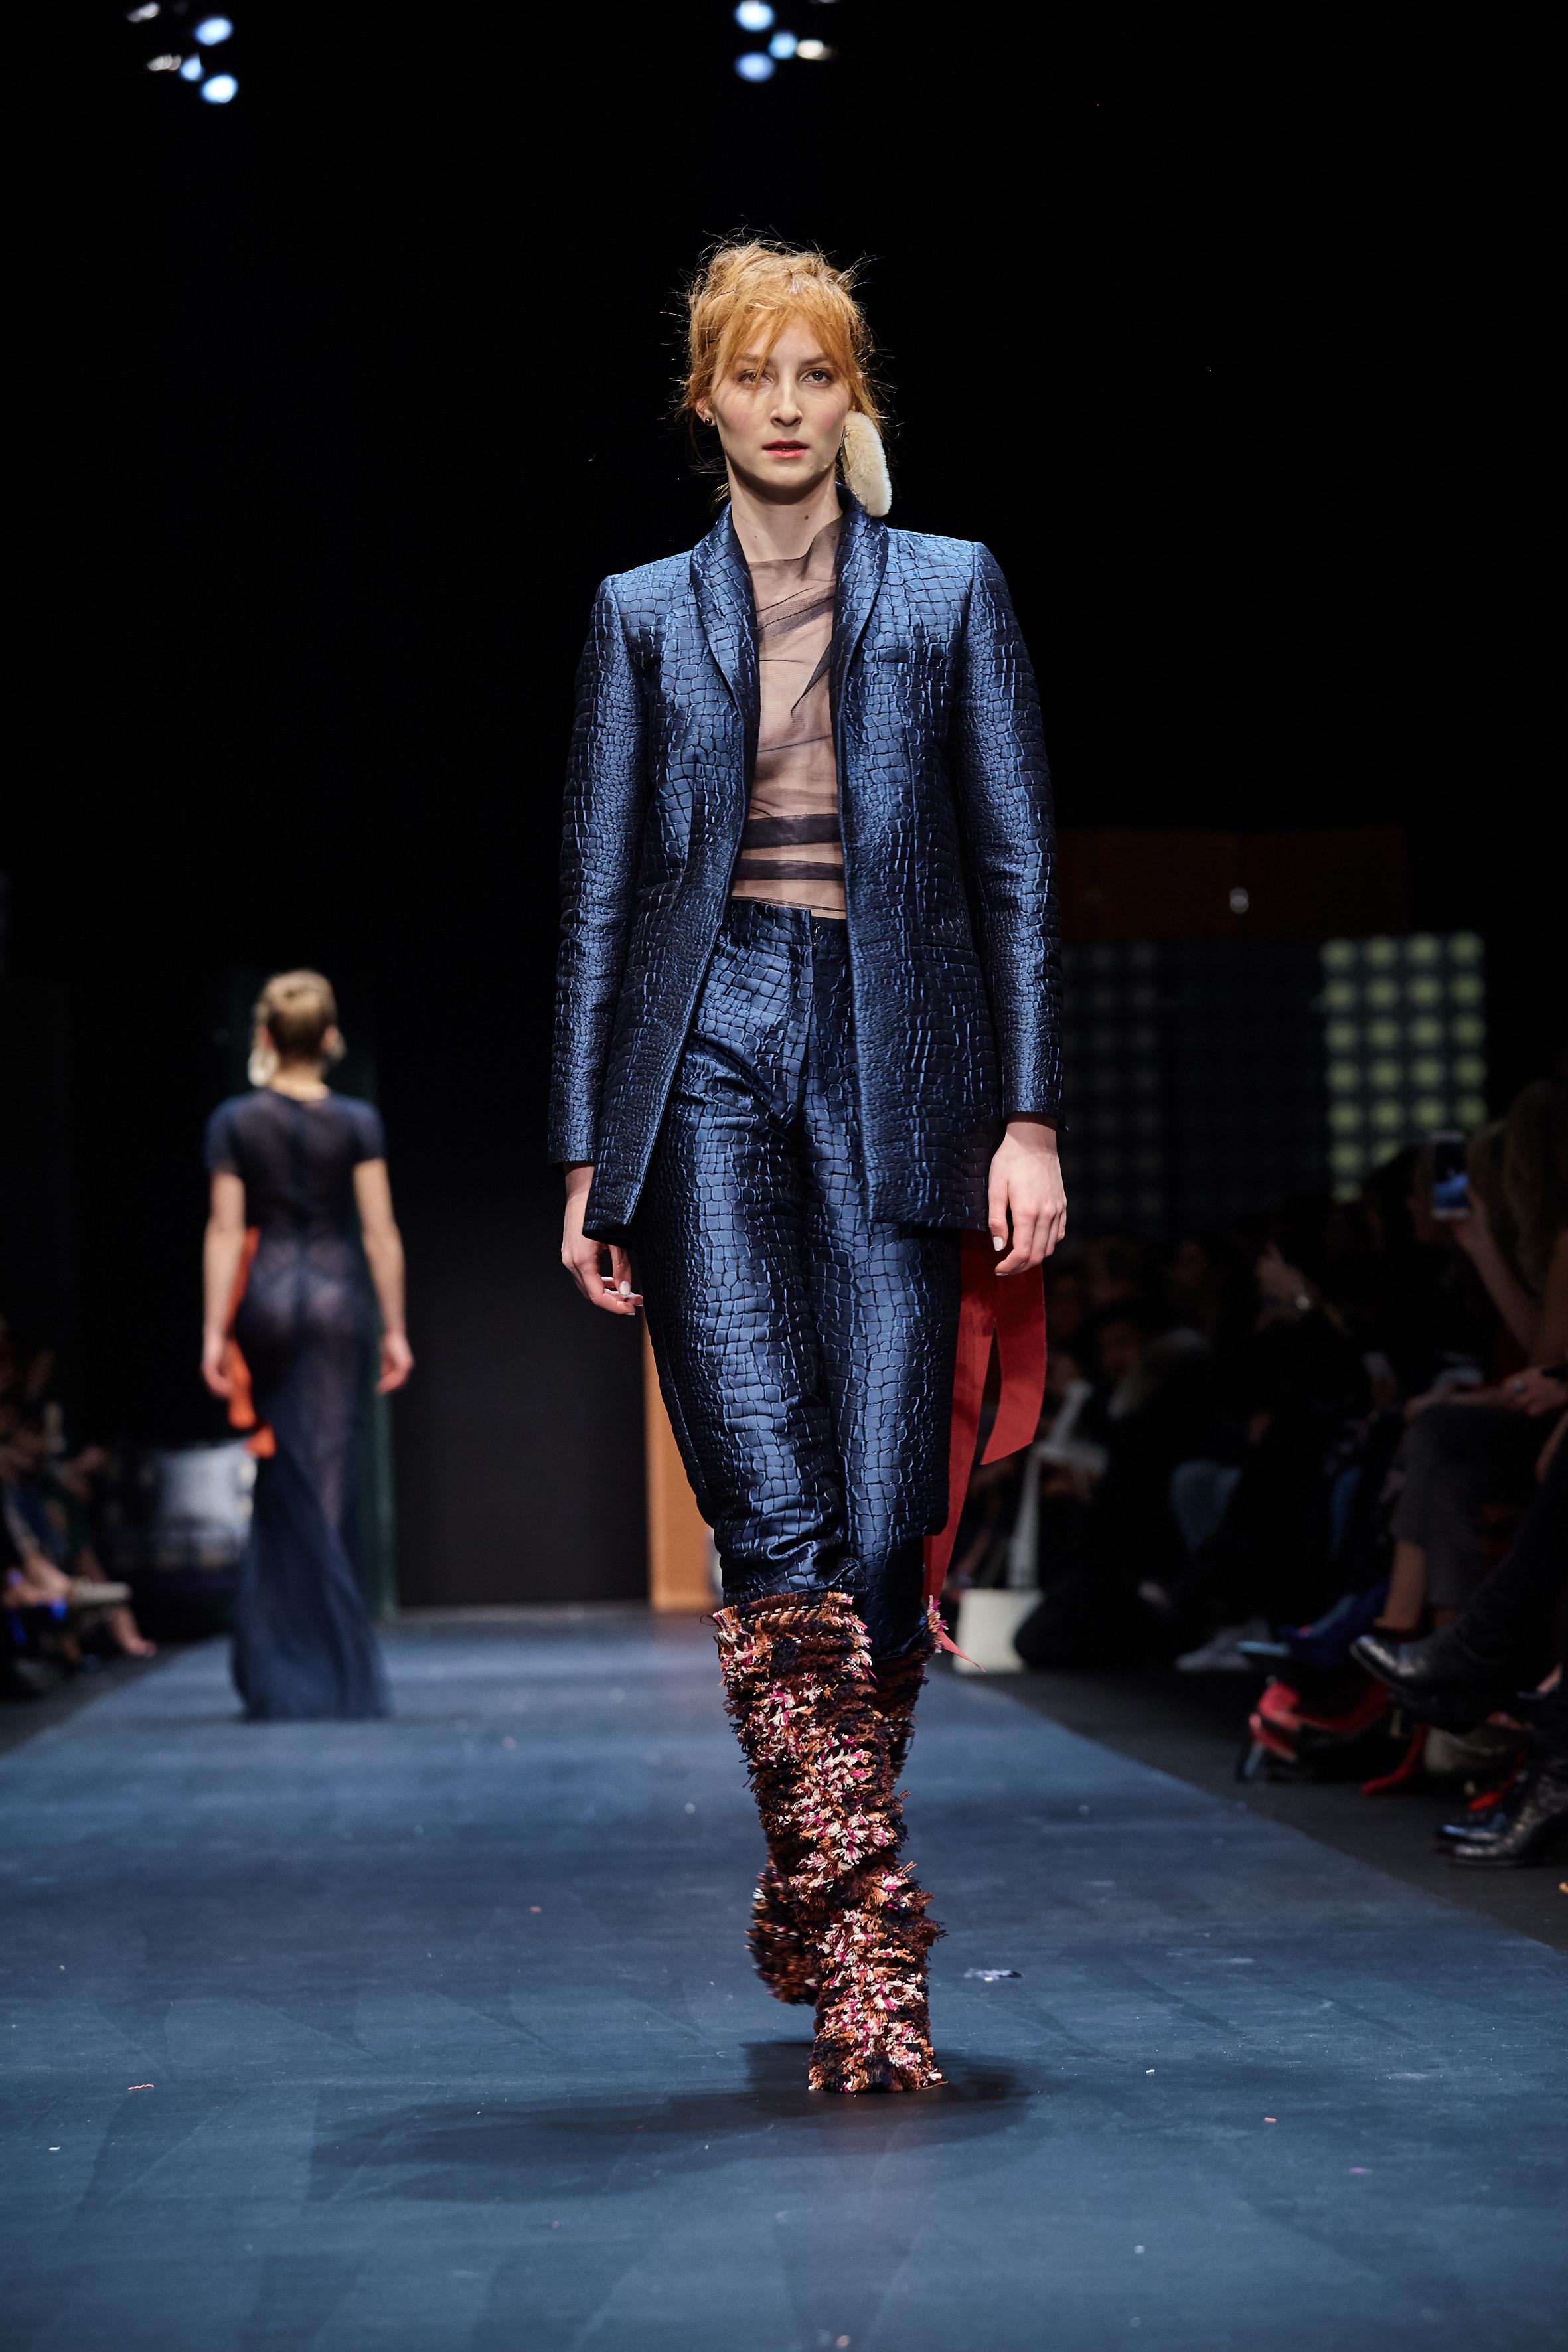 Looks_DawidTomaszewski_FashionWeekAW2018-19_HeidiRondak 154.jpg